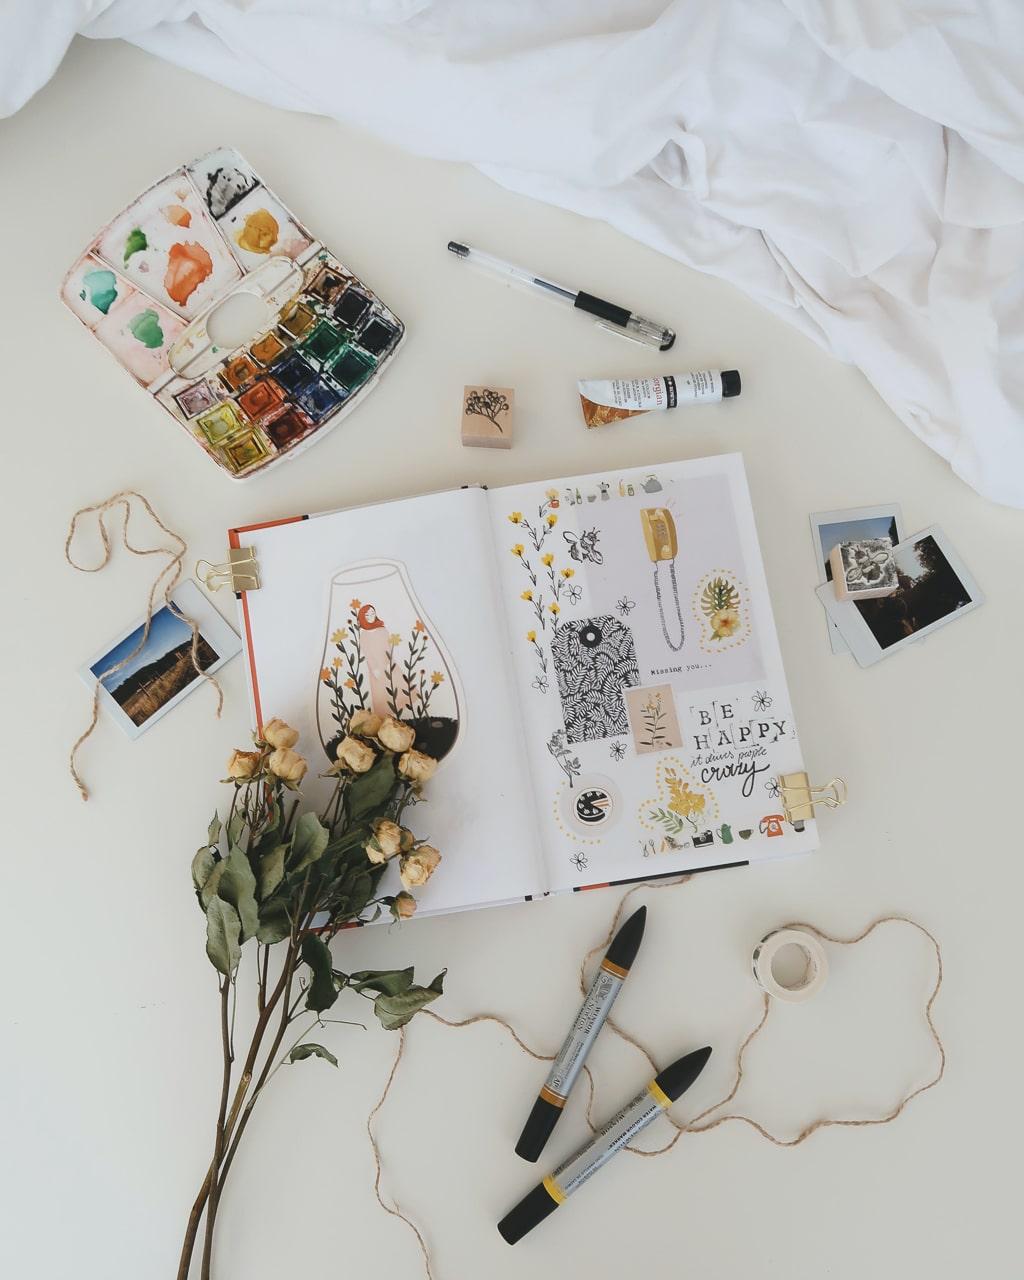 Photographie d'un carnet de voyage entouré de divers accessoires